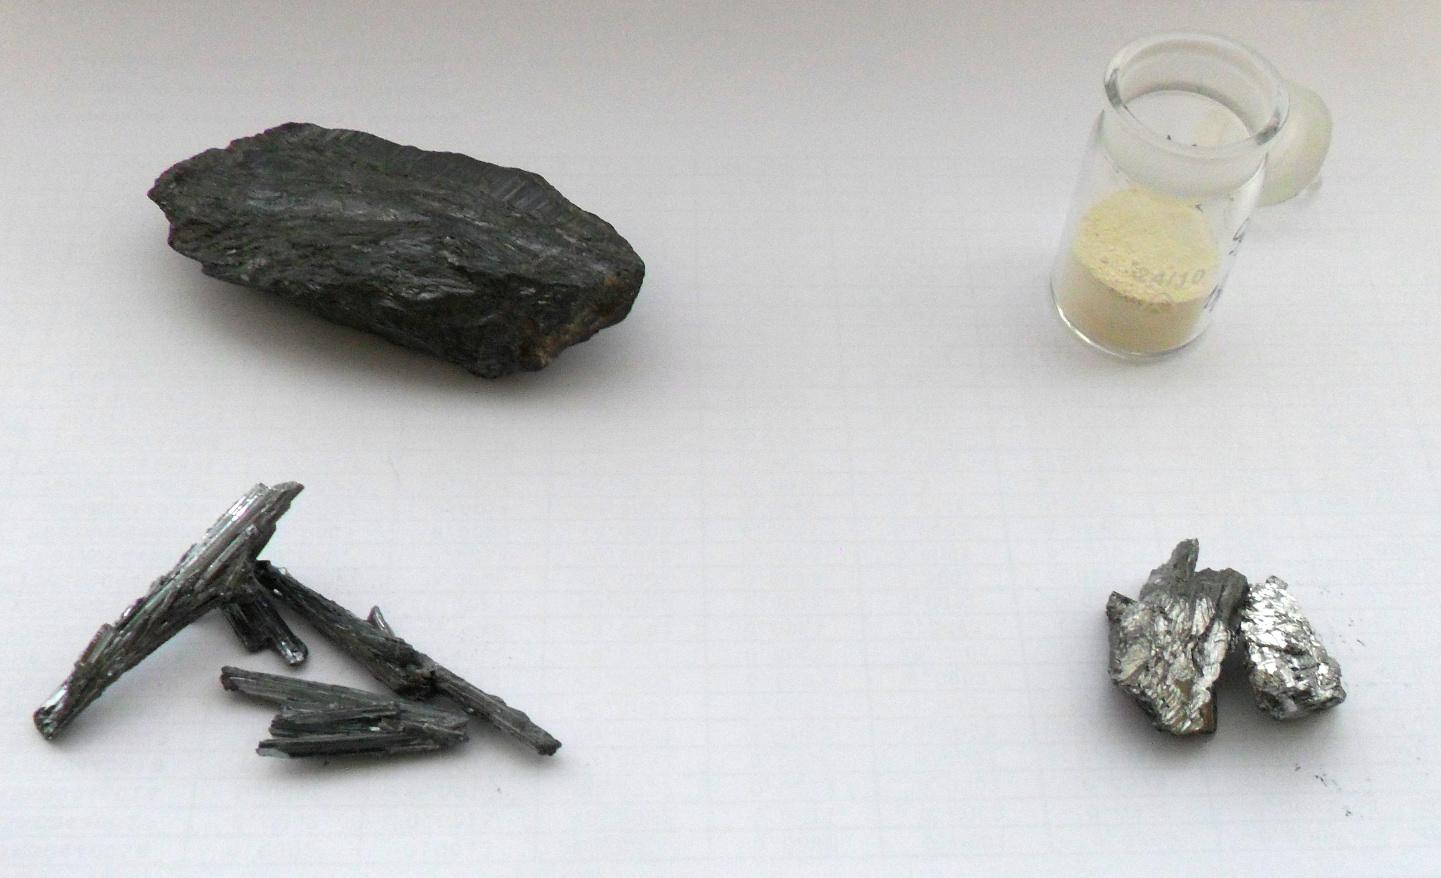 По часовой стрелке с нижнего левого угла: хорошо образованные кристаллы сурьмяного блеска (сульфида сурьмы) - основной руды, из которой добывают сурьму; обычный кусок сурьмяной руды; оксид сурьмы (V) четырехводный, синтезированный окислением азотной кислотой; металлическая сурьма.